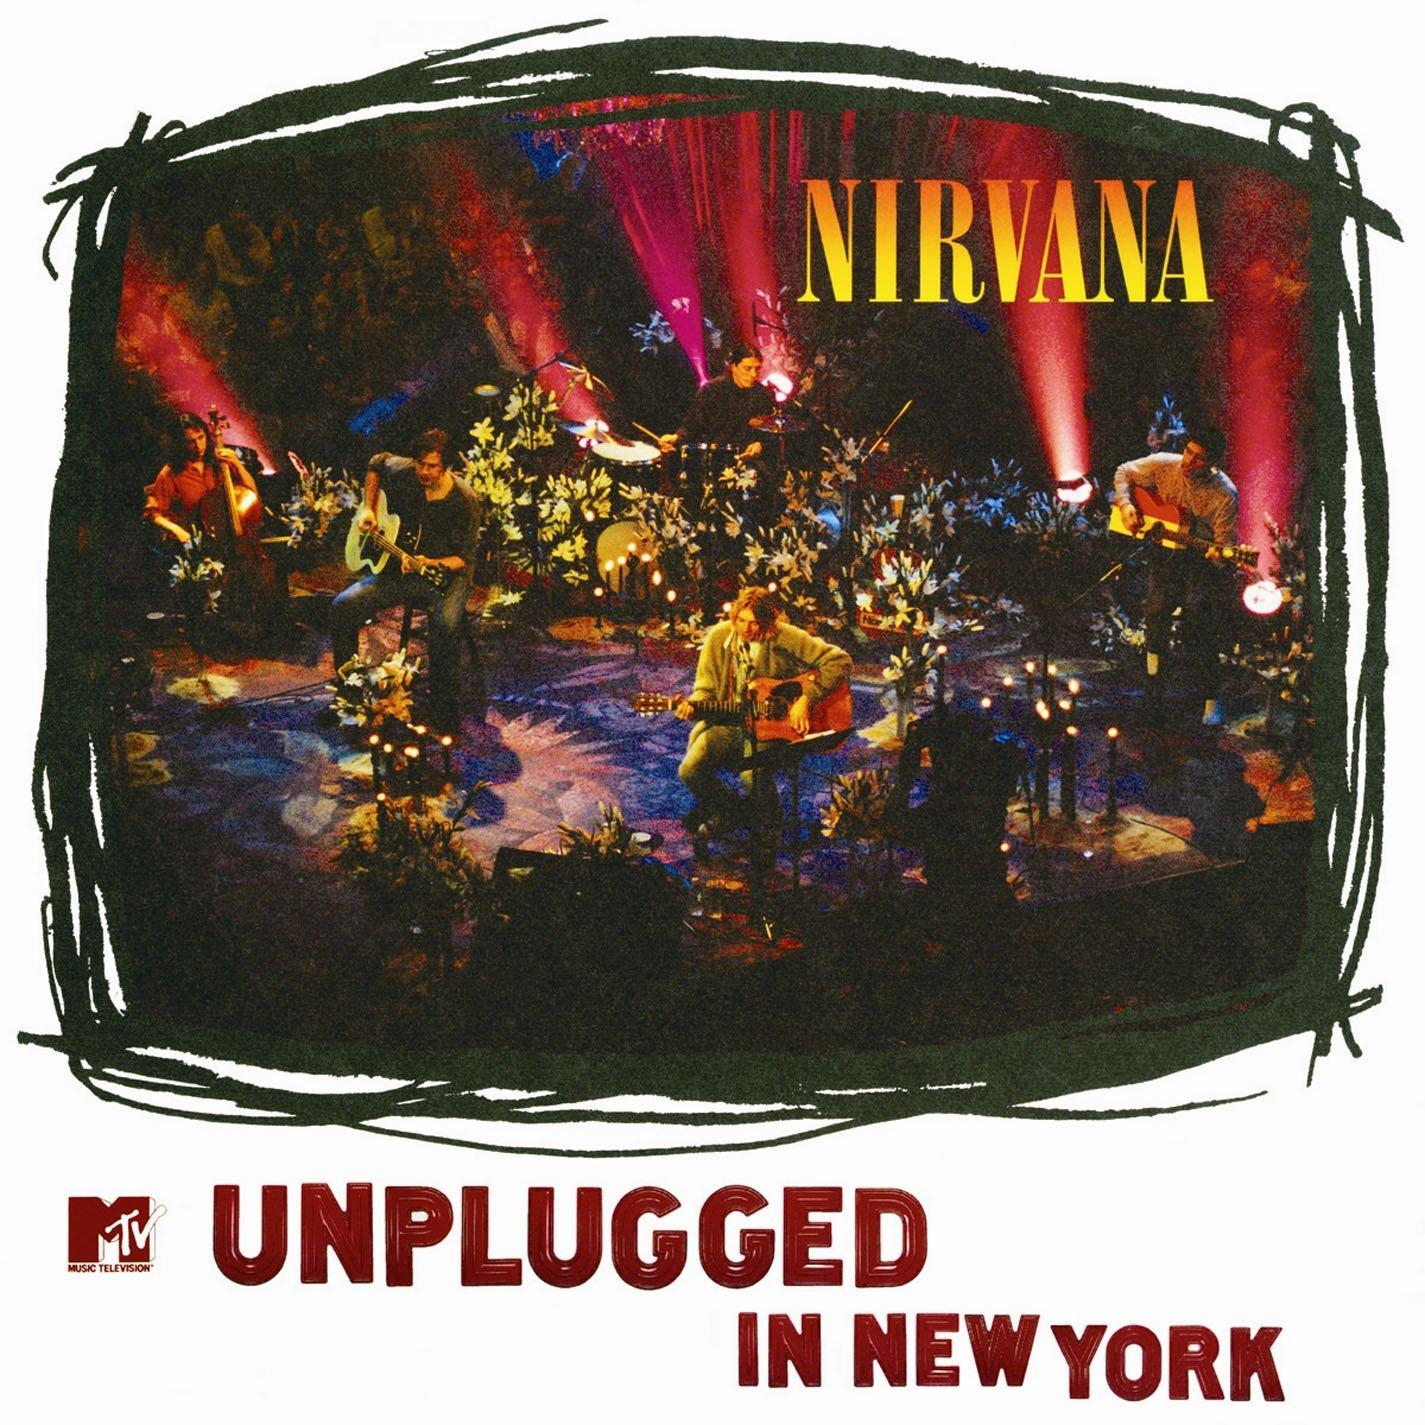 81fXt2LqjLL. SL1425  - کتاب نت و تبلچر البوم  MTV Unplugged in New York برای گیتار